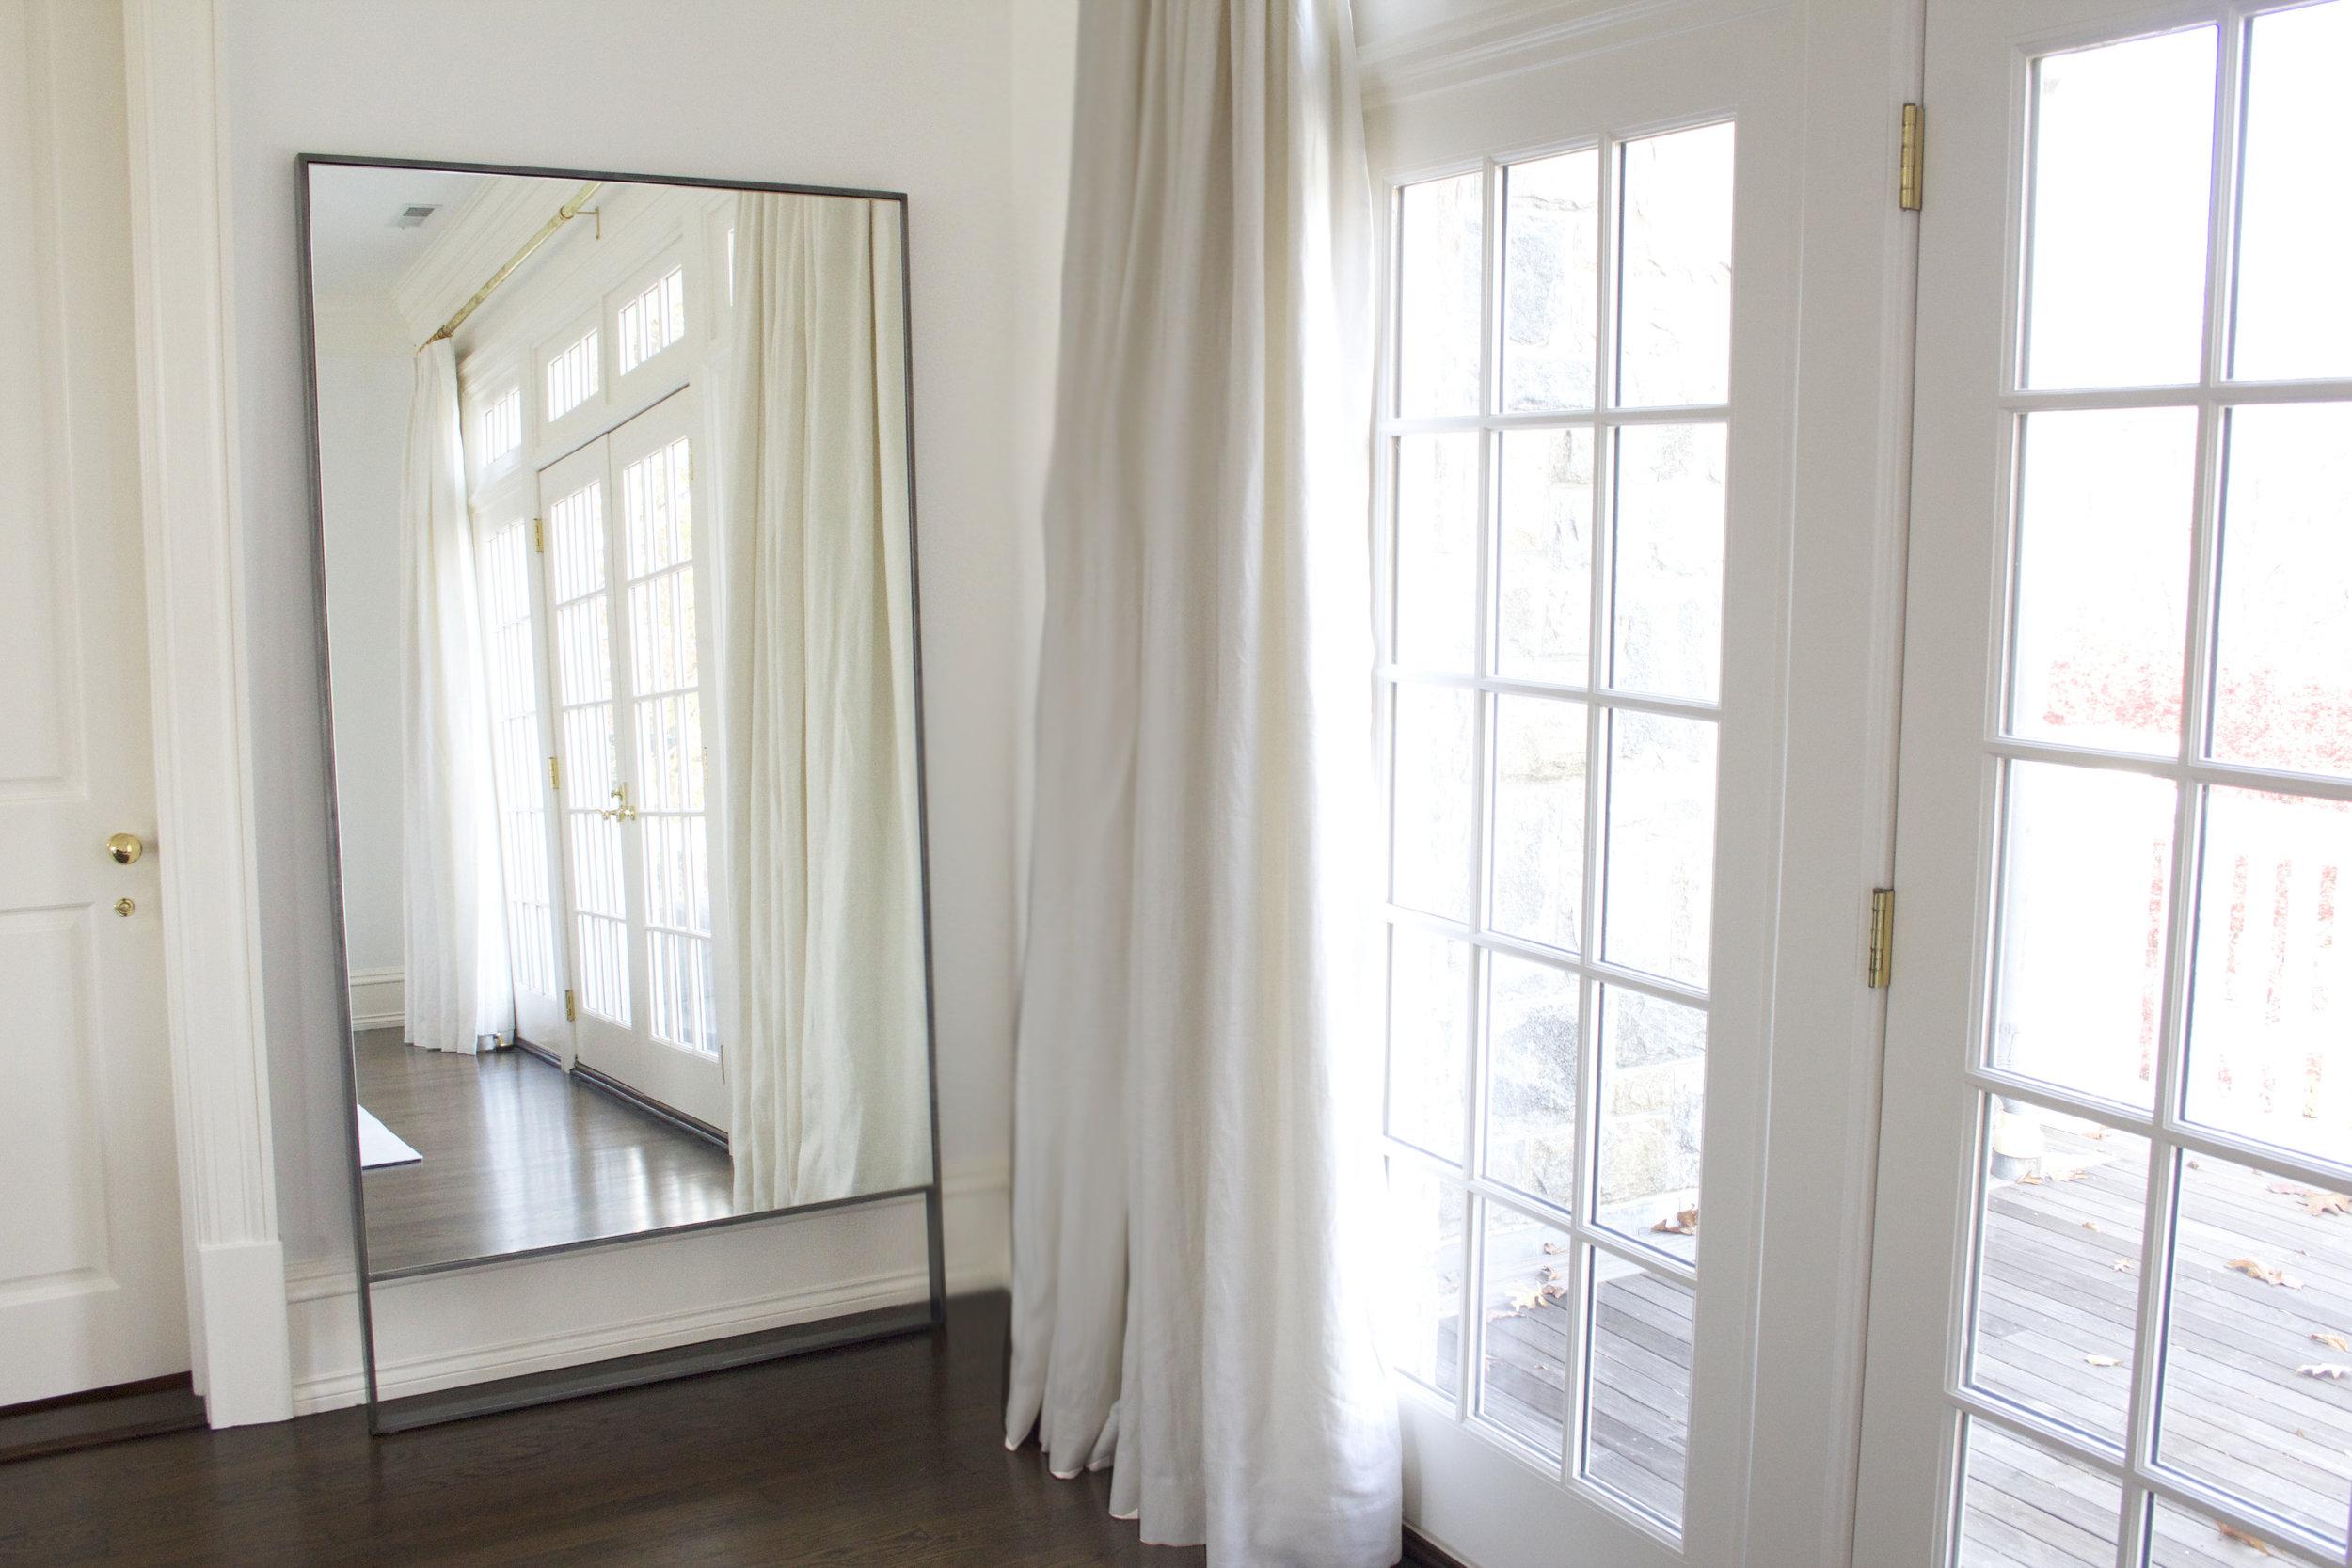 Oliver-metal-mirror-1.jpg